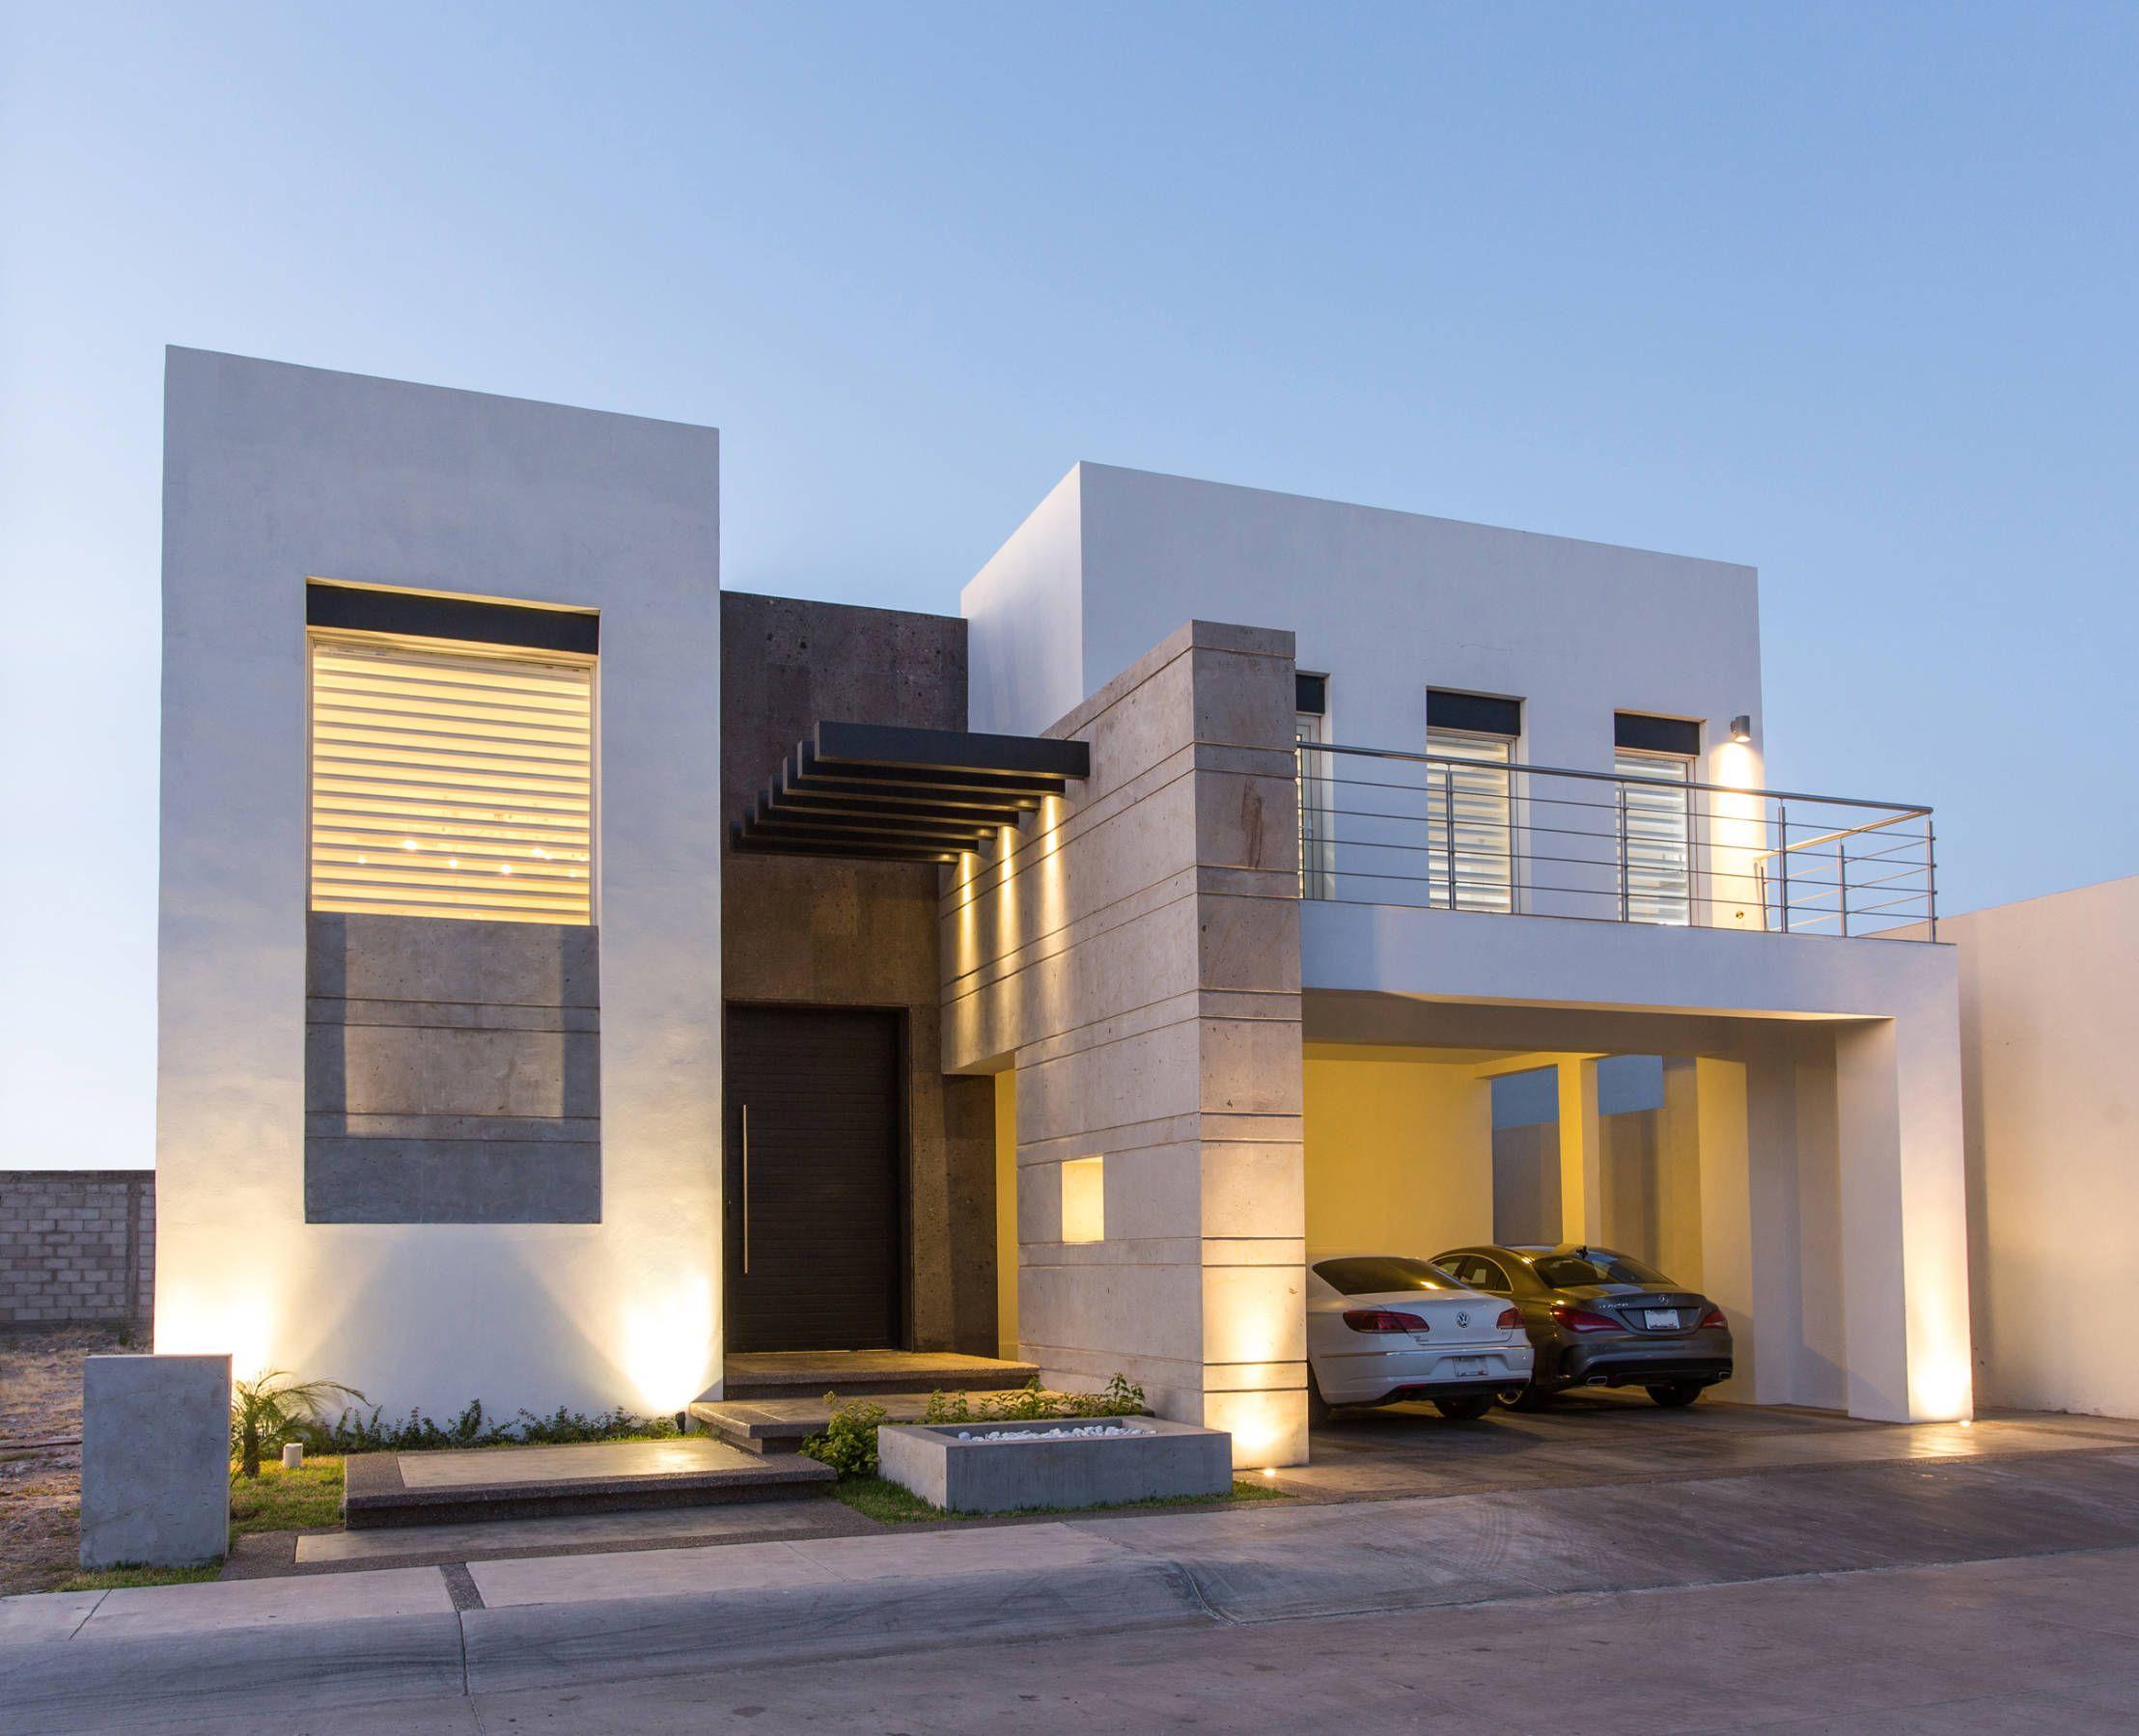 Una casa moderna y con mucho estilo arquitectura for Casa moderna 7 mirote y blancana